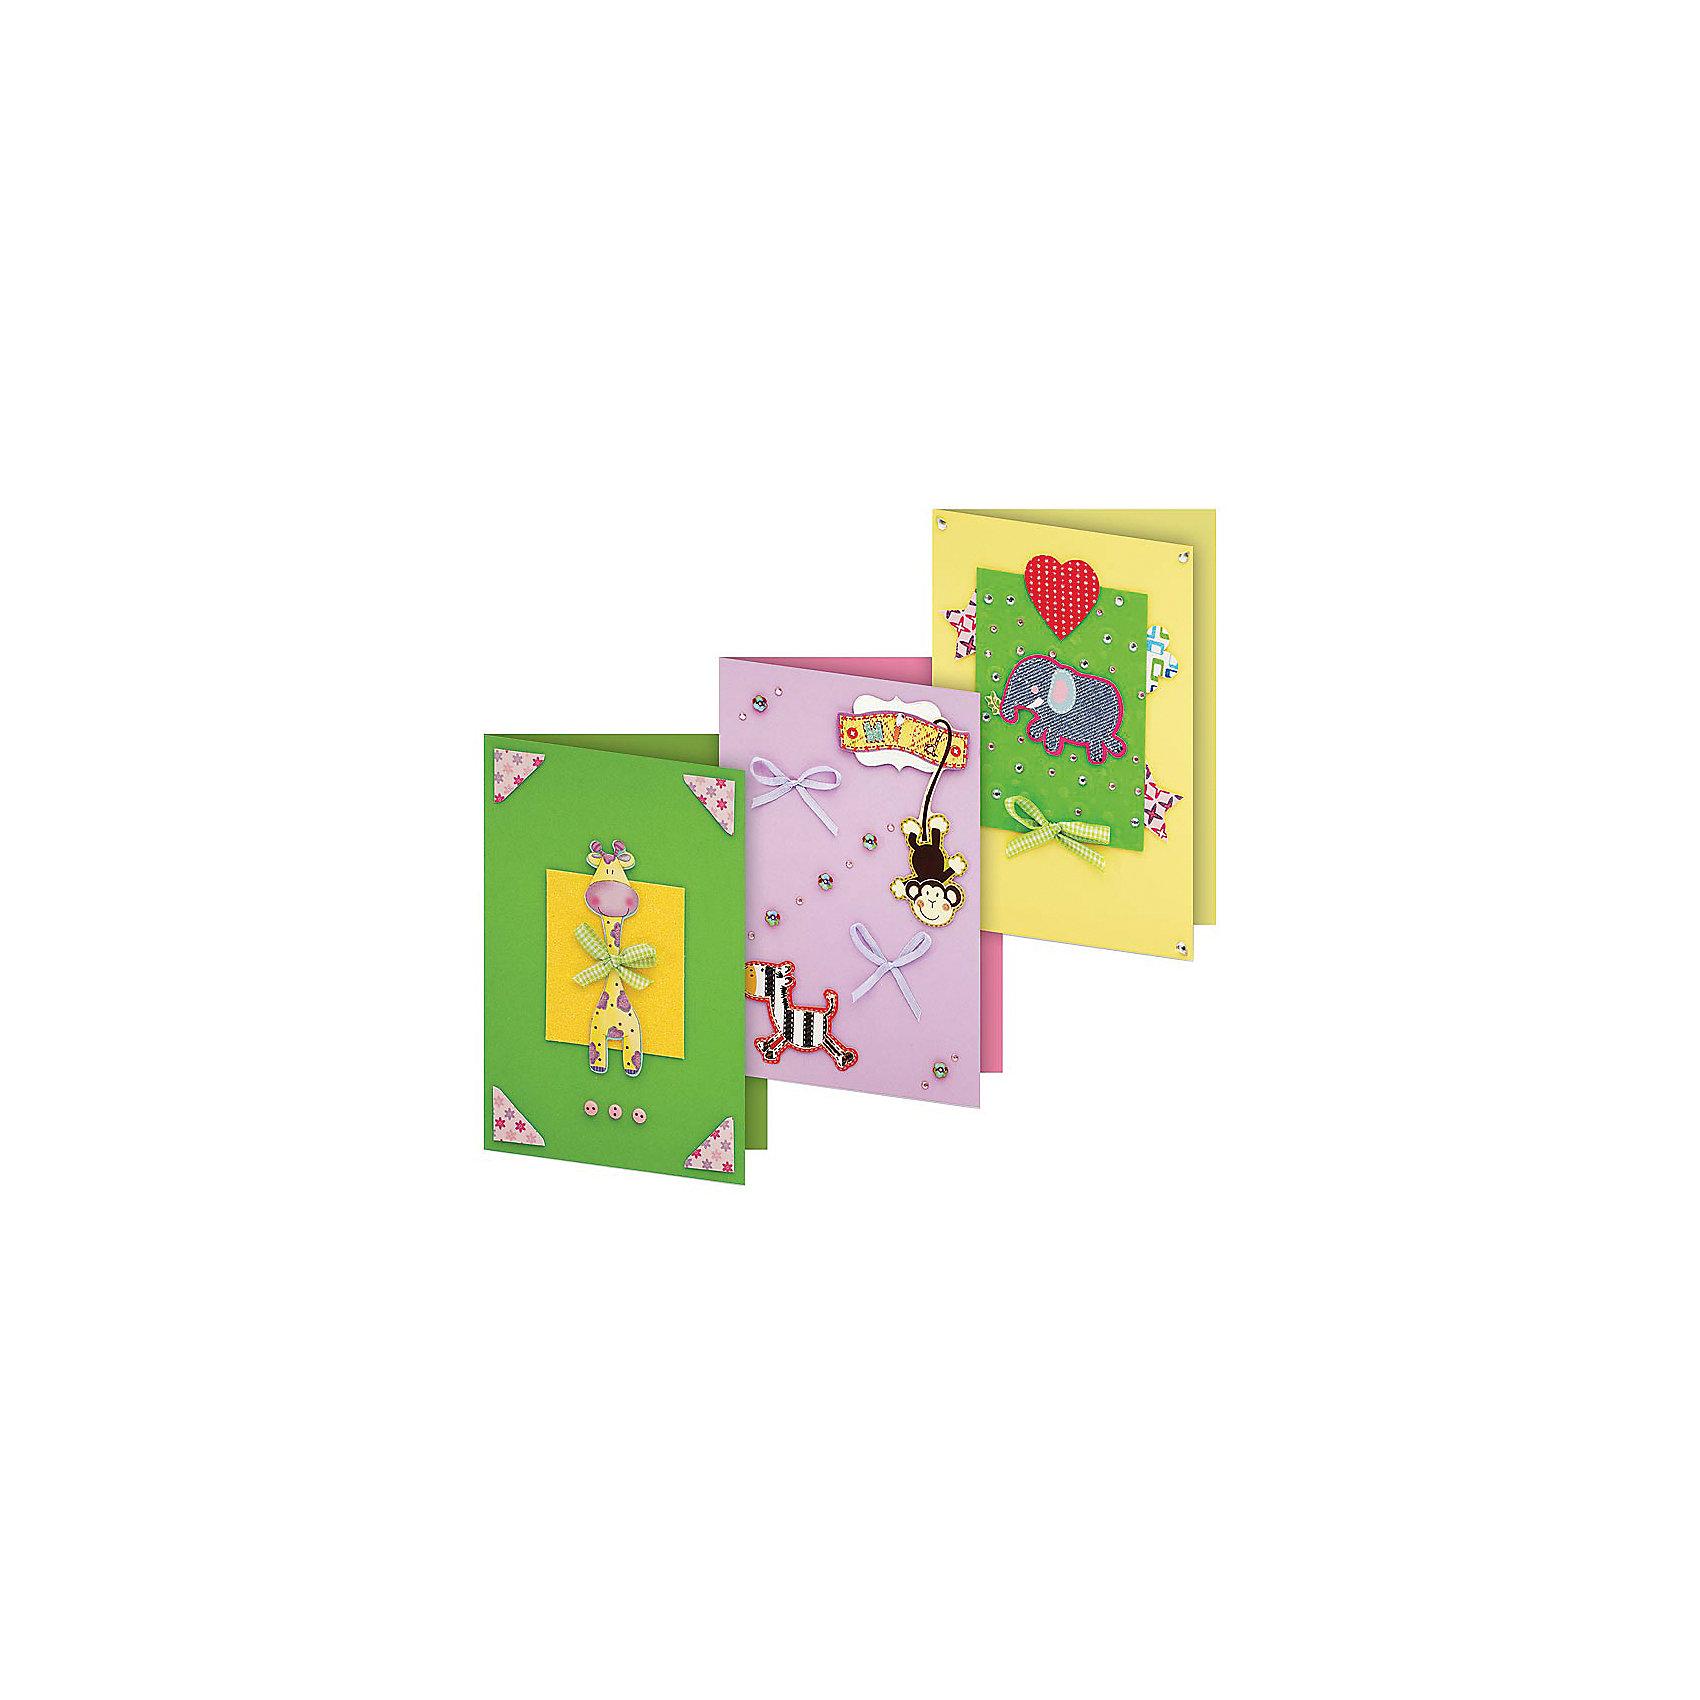 103-SB Набор для создания 3-х открыток Веселая мозаикаБумага<br>Характеристики товара:<br><br>• возраст: от 6 лет;<br>• упаковка: прозрачный пакет с хедером;<br>• размер упаковки: 24х15х1 см..;<br>• материал: плотный картон, бумага для скрапбукинга, пластик, текстиль;<br>• размер открытки: 11,5х17 см.;<br>• вес: 80 гр.;<br>• бренд: Белоснежка;<br>• страна бренда: Россия;<br>• страна производства: Китай.<br>                                                                                                                                                                                                                                                                                                                       Набор для создания 3-х открыток «Веселая мозаика» дополнен оригинальными карточками в стиле Шебби-Шик, необходимо только вырезать заготовки из макета и закрепить на открытке. Красивые элементы помогут сделать открытки более яркими и разнообразными. При их создании можно воспользоваться подсказками, расположенными на упаковке или придумать свою композицию.<br><br>Скрапбукинг стал популярным и модным увлечением во всём мире, которое помогает развививать у вас и вашего ребенка  мышление, моторику и фантазию, тренирует память, расширяет восприятие цветов и различных оттенков, пространственное мышление. Процесс создания открыток раскроет ваш  творческий потенциал,  а сама открытка будет неповторимым подарком для друзей и близких.          <br><br>Комплектация:<br><br>• 3 заготовки для открыток 11,5х17 см.;<br>• 3 конверта;<br>• 3 визитки-поздравления;<br>• клеевые подушечки;<br>• декоративные элементы: вырубка из картона, ленты, паетки, стразы, полубусины.       <br><br>Набор для создания 3-х открыток «Веселая мозаика», Белоснежка  можно купить в нашем интернет-магазине.<br><br>Ширина мм: 240<br>Глубина мм: 147<br>Высота мм: 5<br>Вес г: 80<br>Возраст от месяцев: 72<br>Возраст до месяцев: 2147483647<br>Пол: Унисекс<br>Возраст: Детский<br>SKU: 6997990